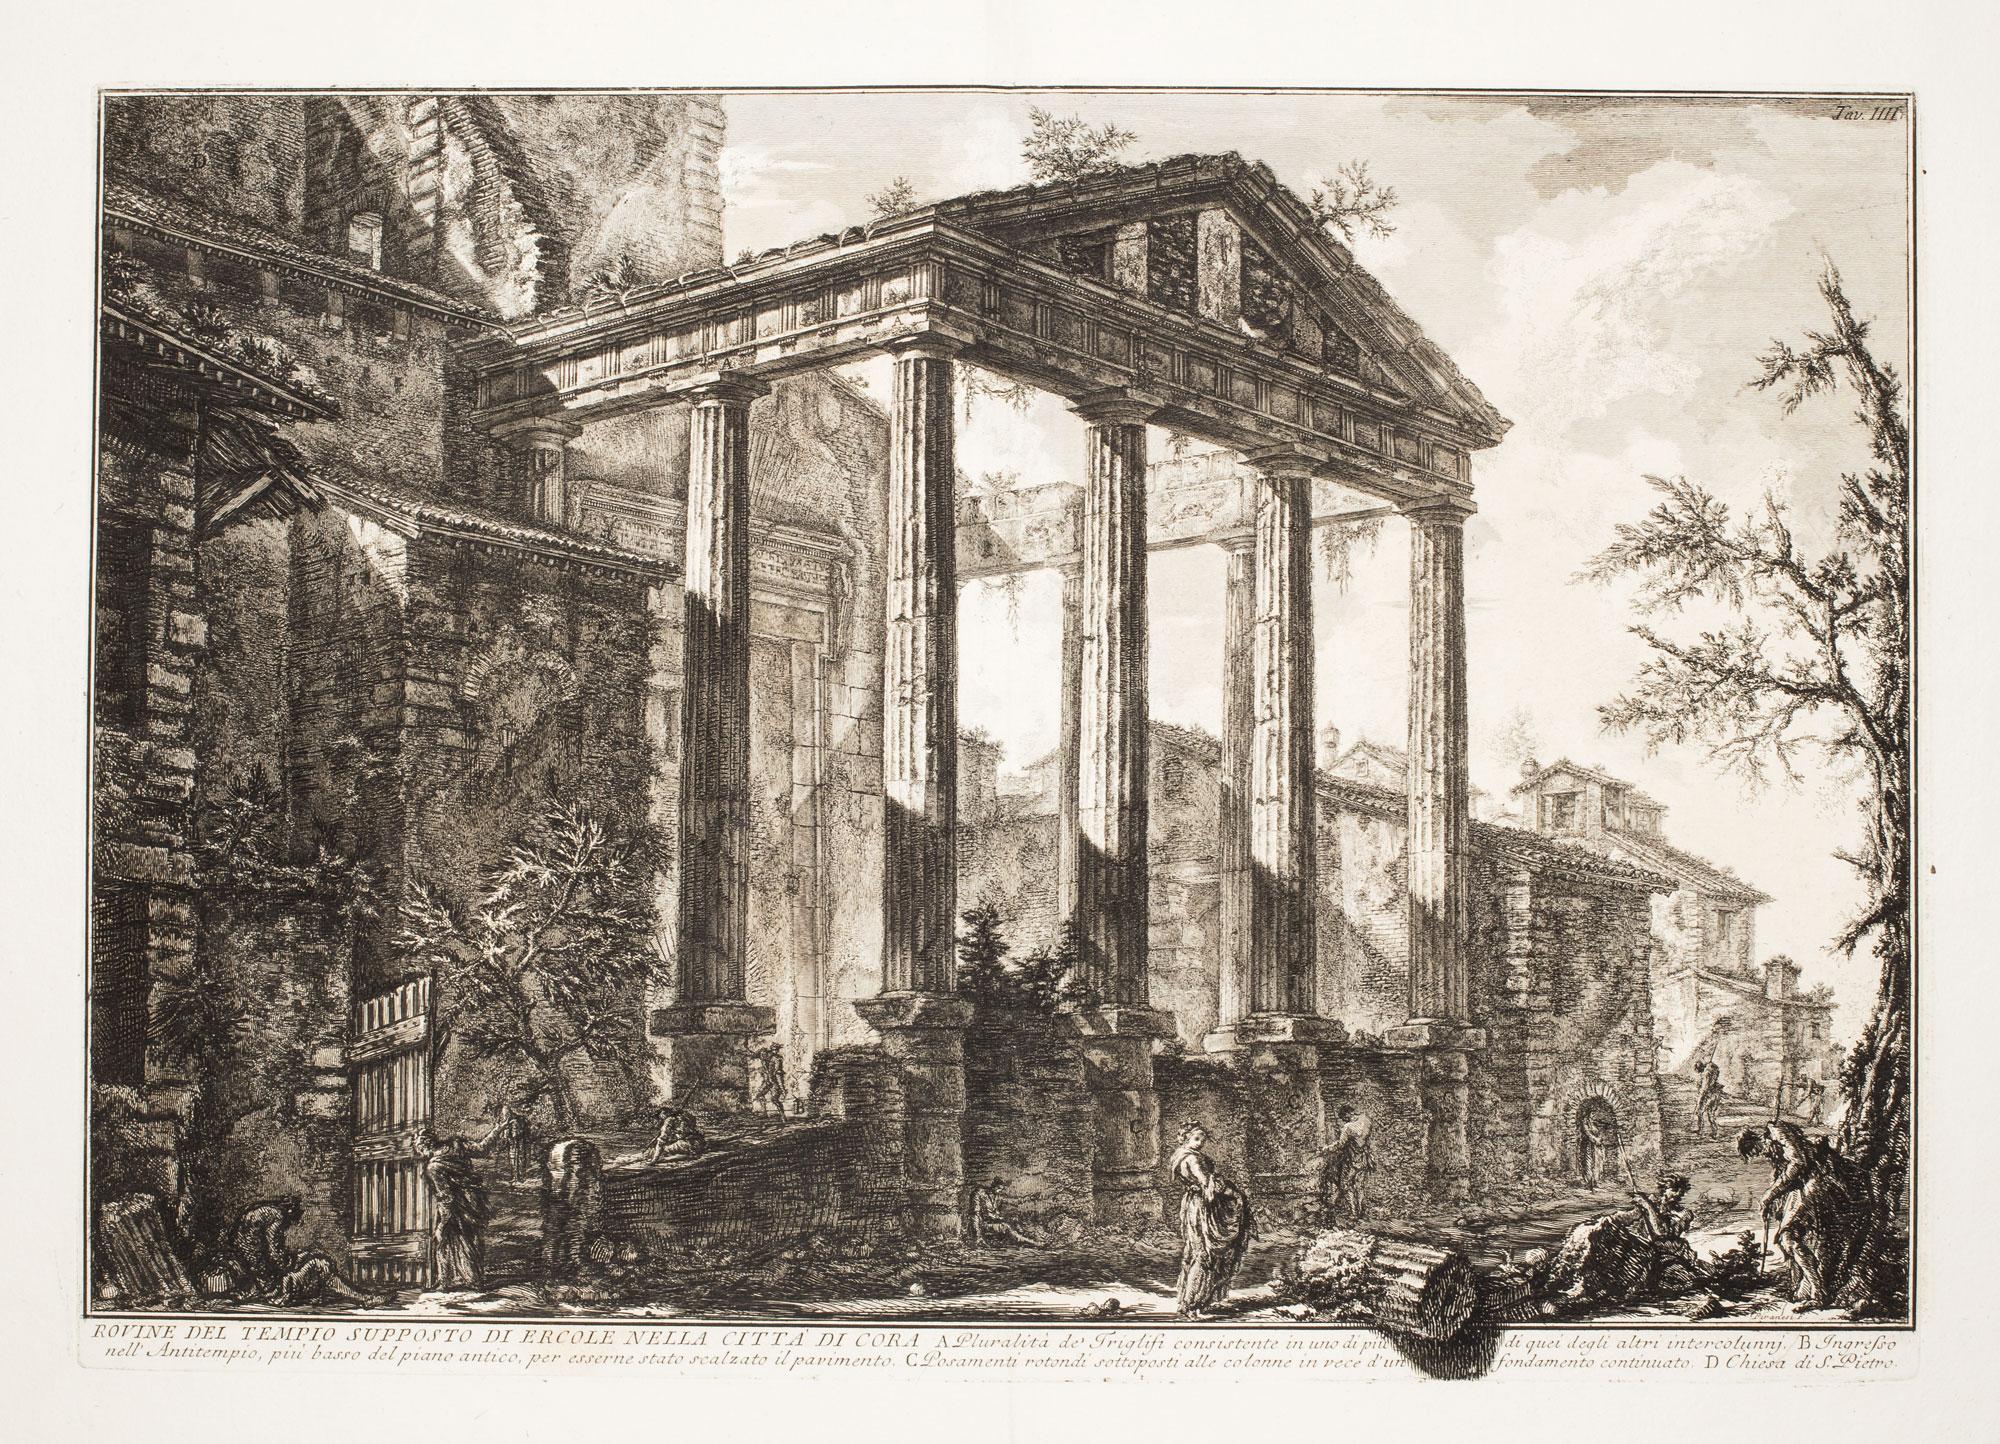 Rovine del Tempio supposto di Ercole nella Città di Cora